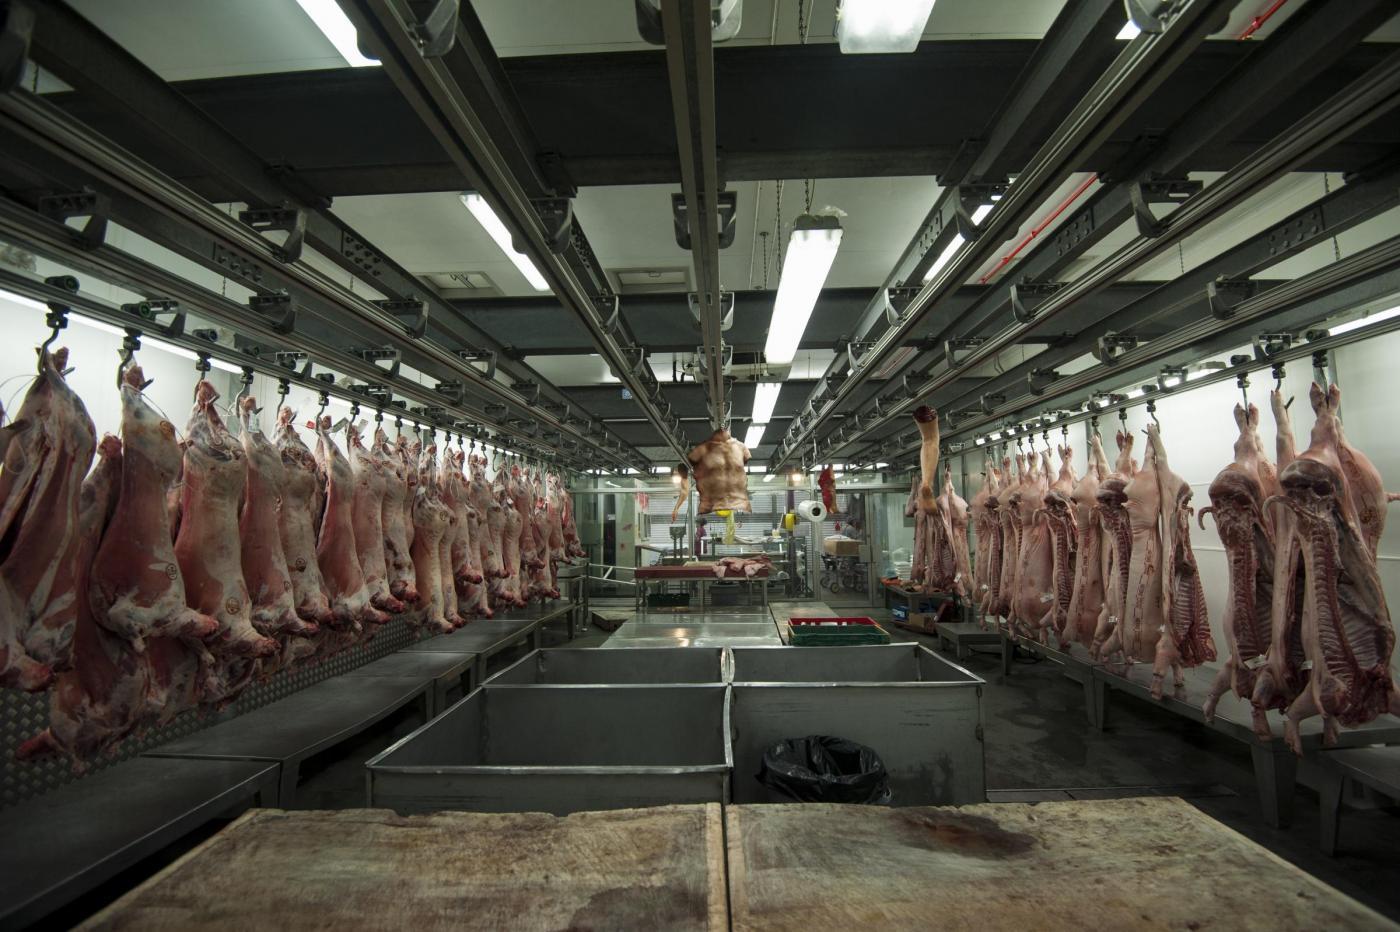 La macelleria 'Human butchery' apre a Londra06